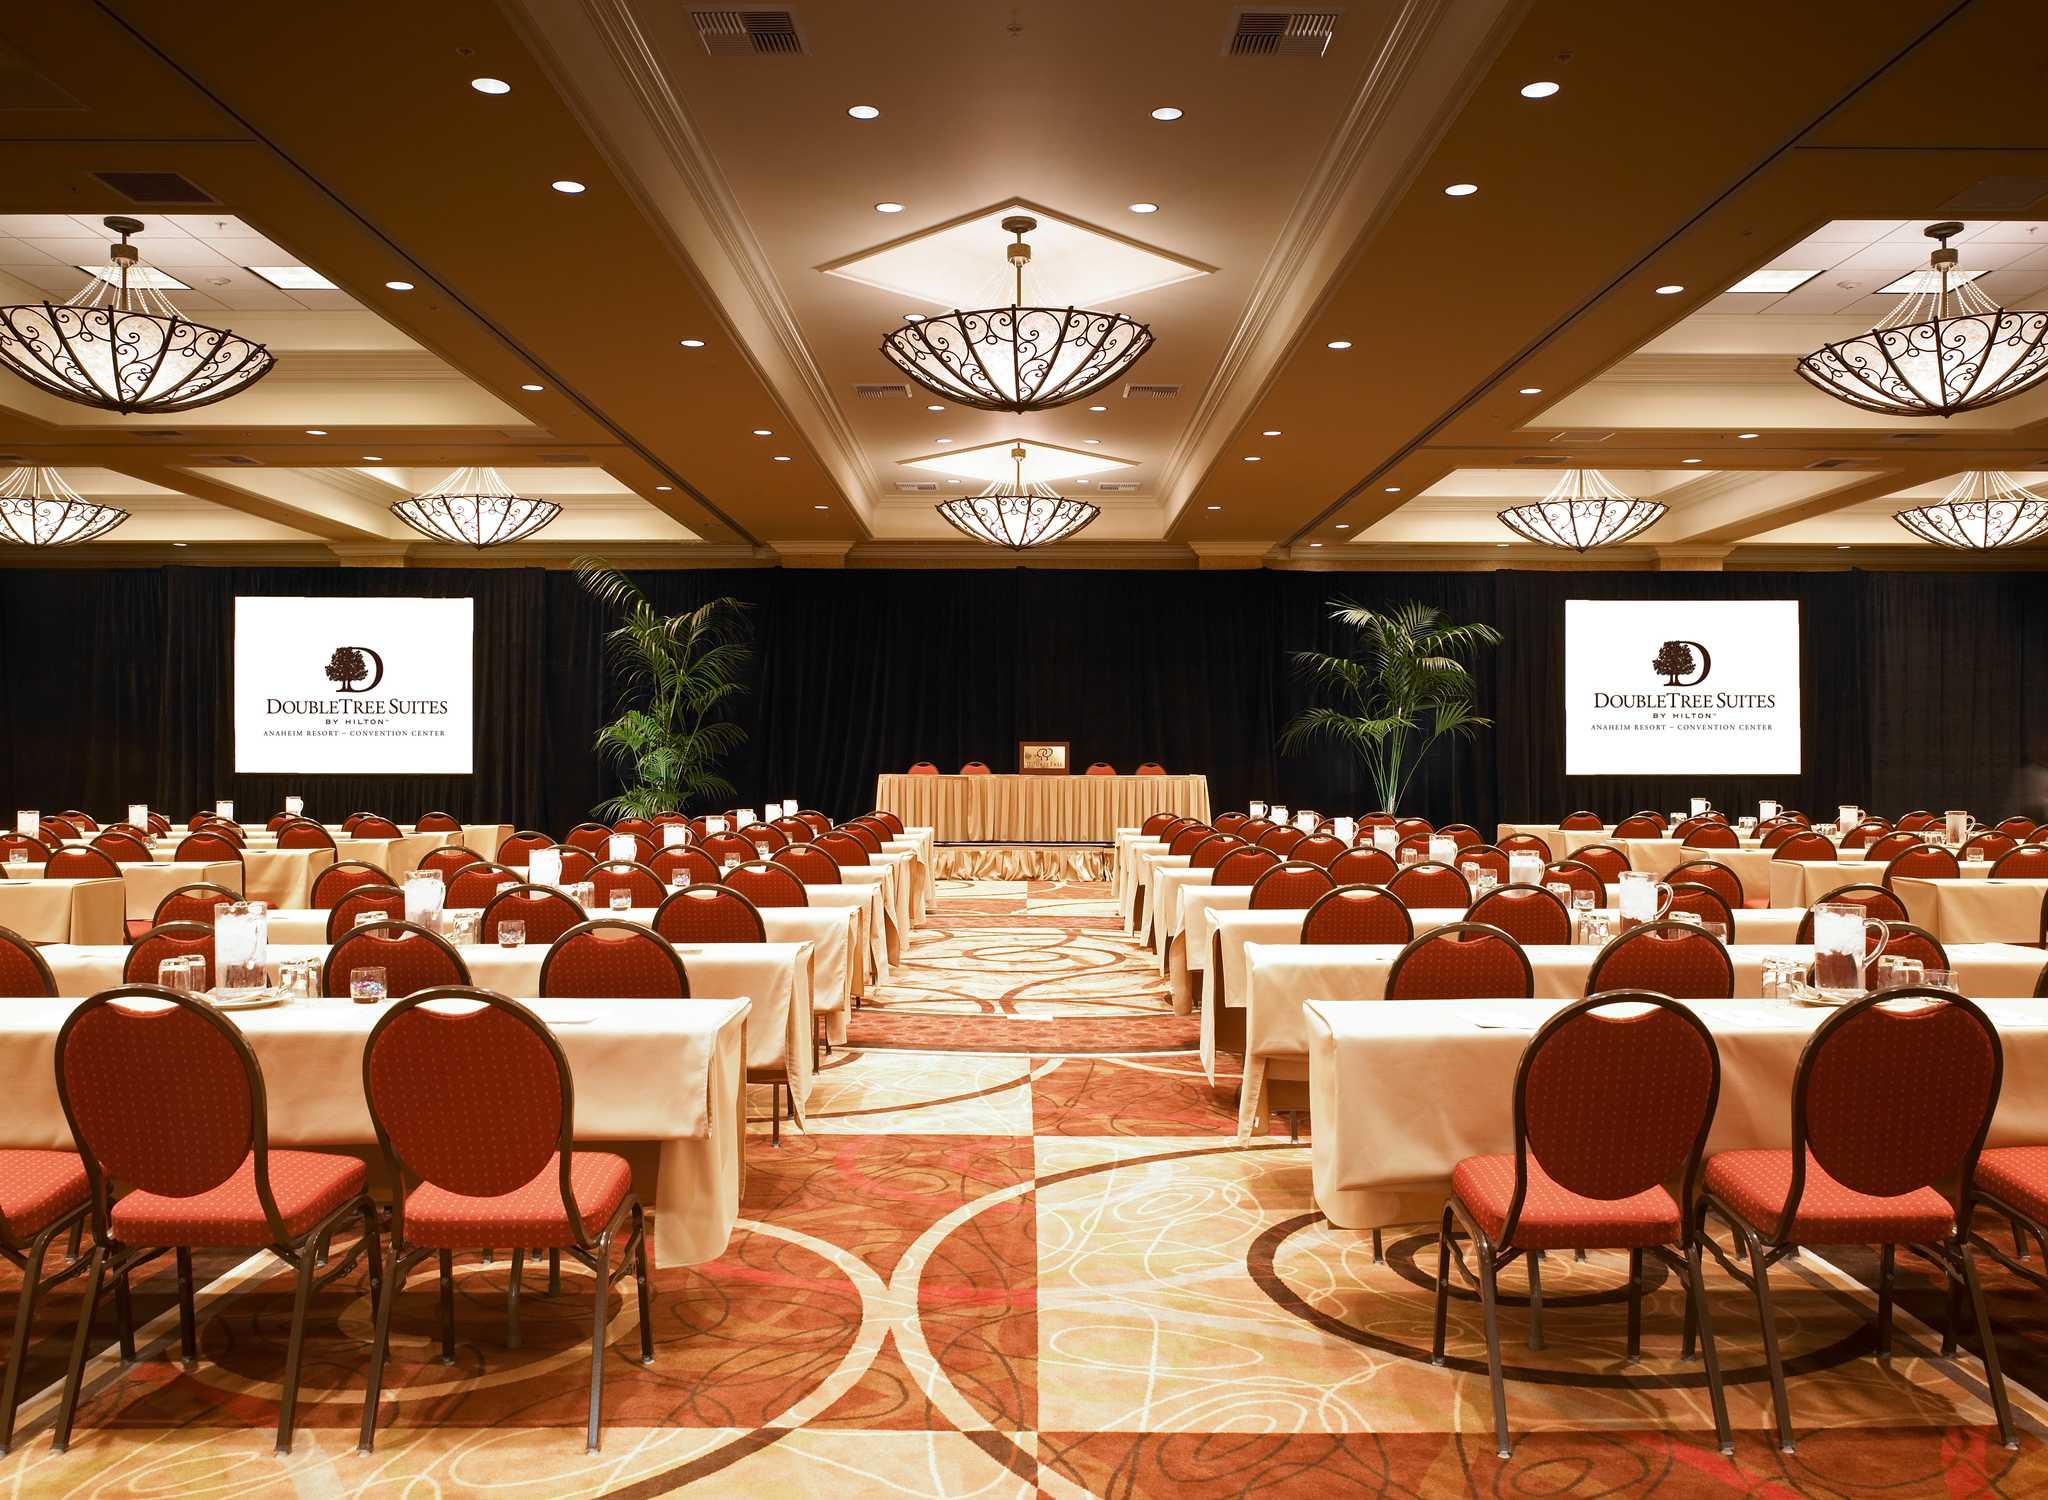 SNADCDT_meetings_full_meetingroom01.jpg